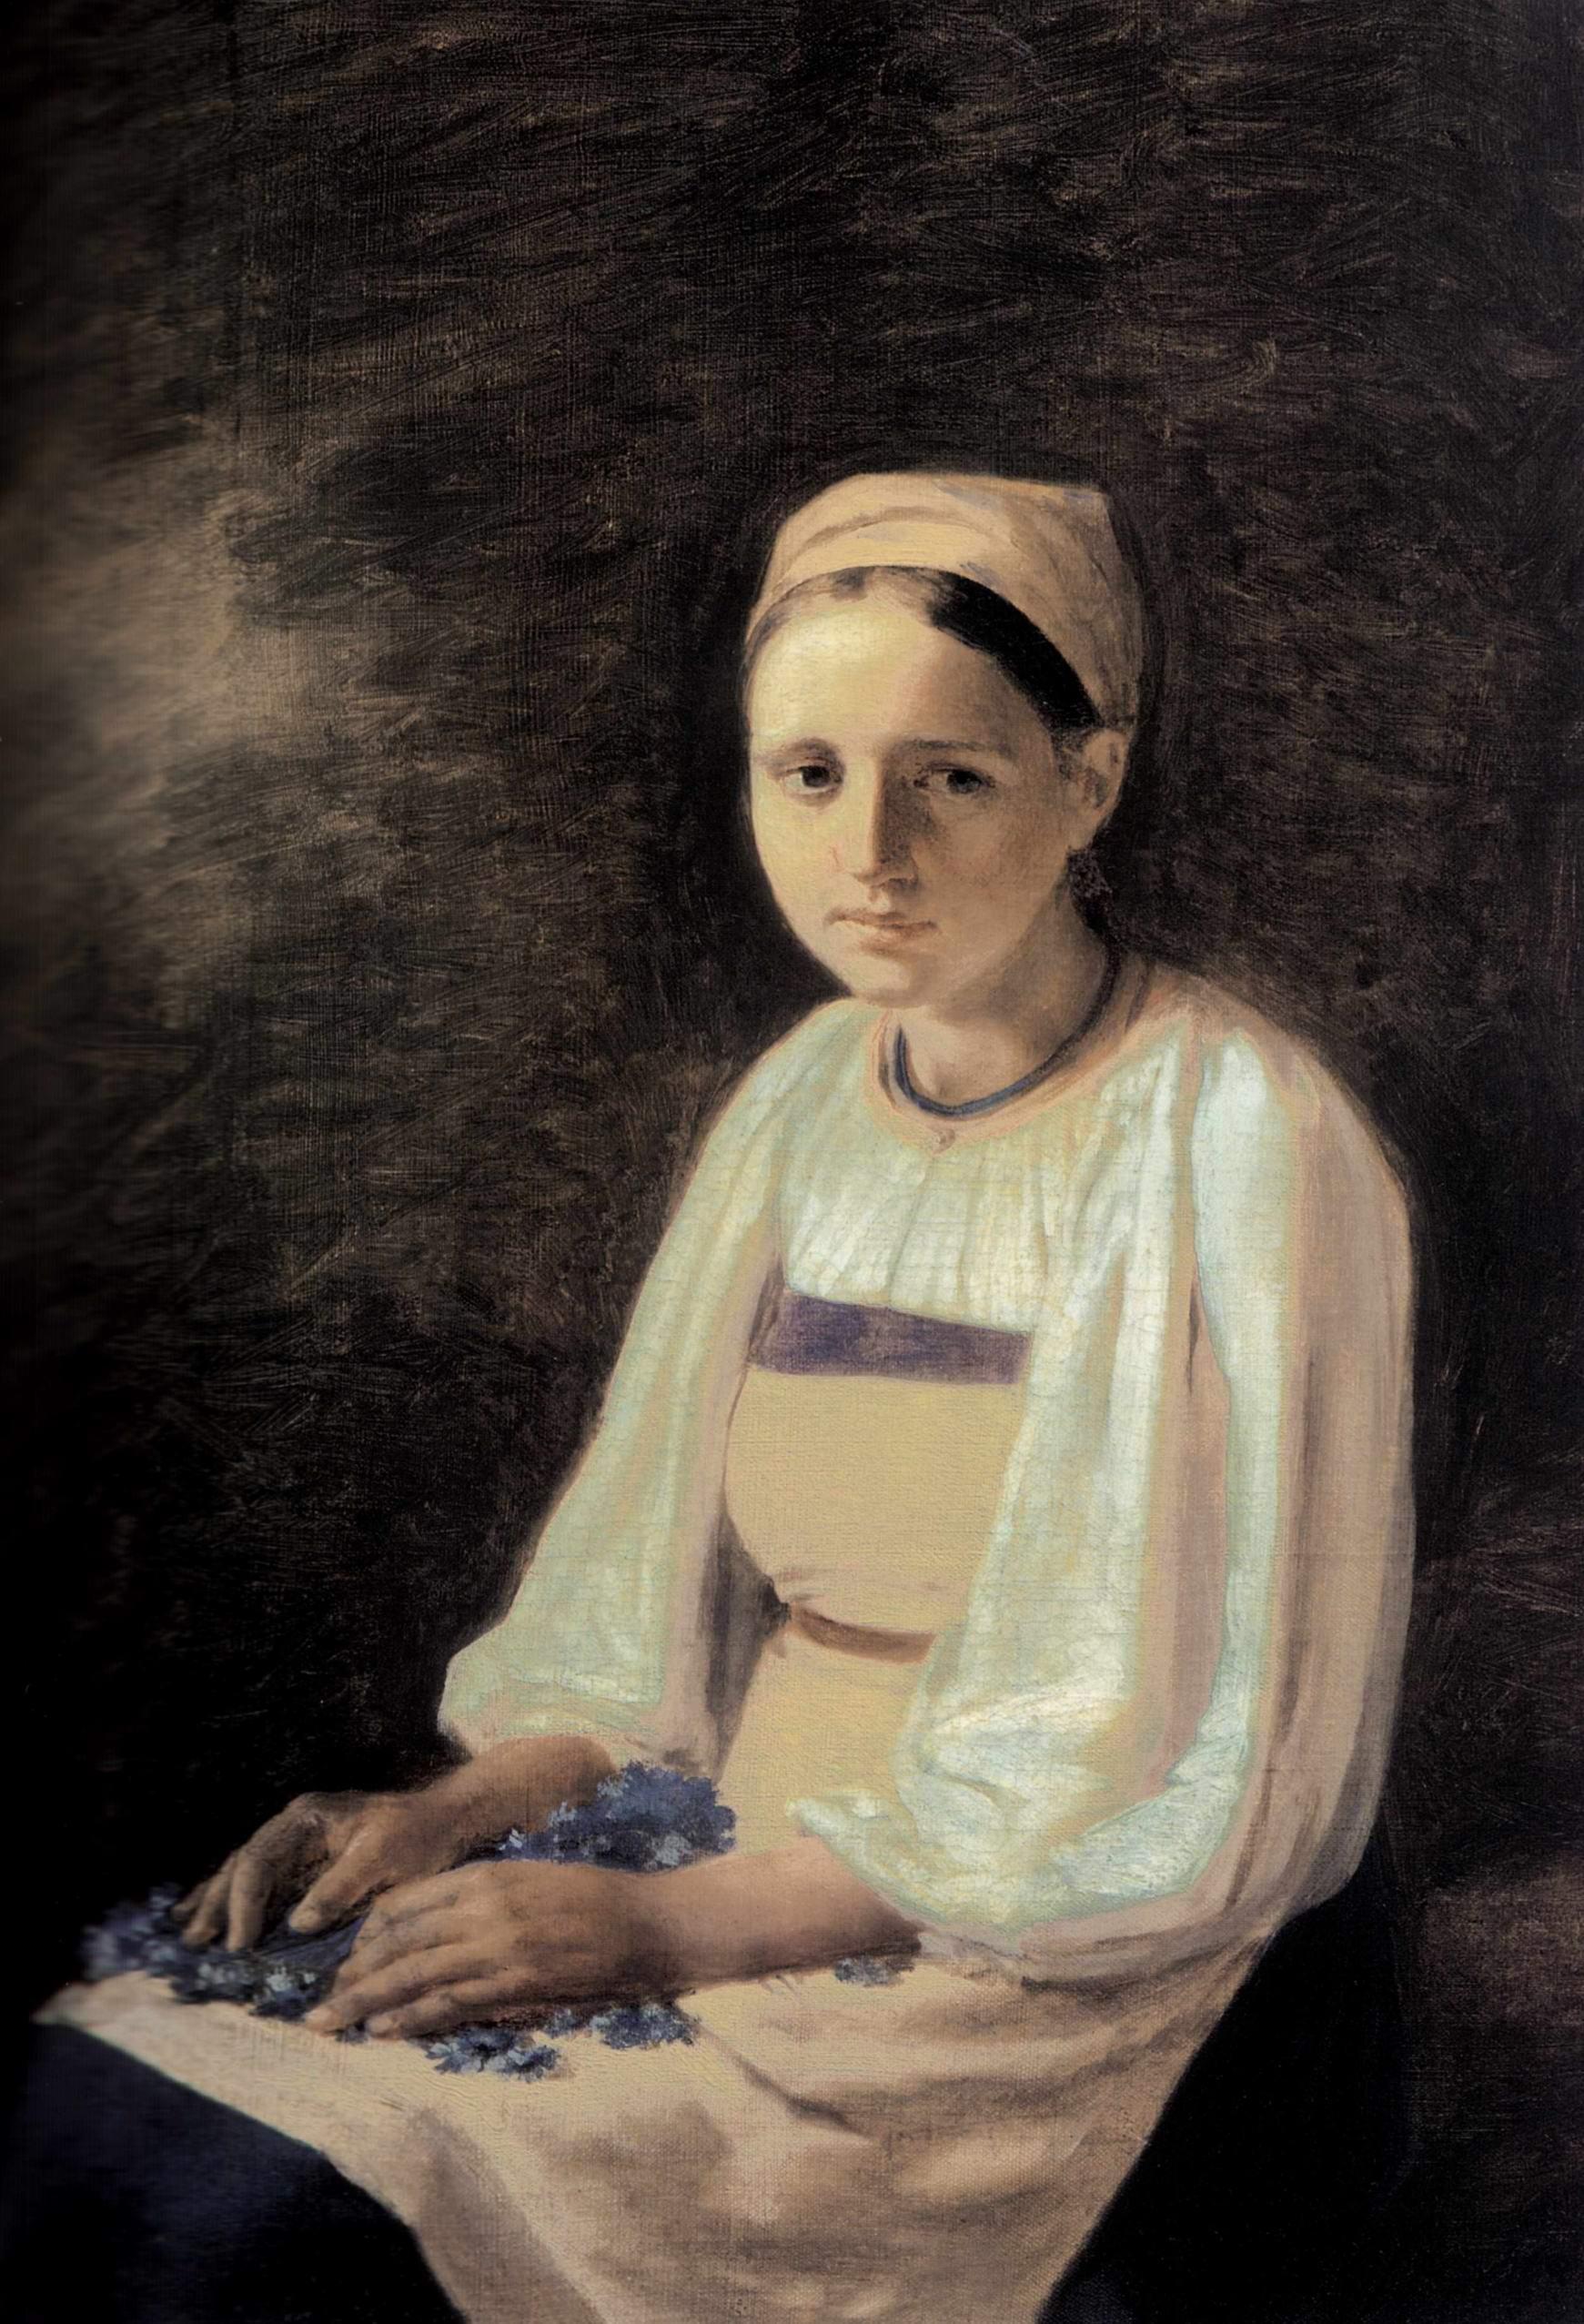 Крестьянка с васильками, Венецианов Алексей Гаврилович